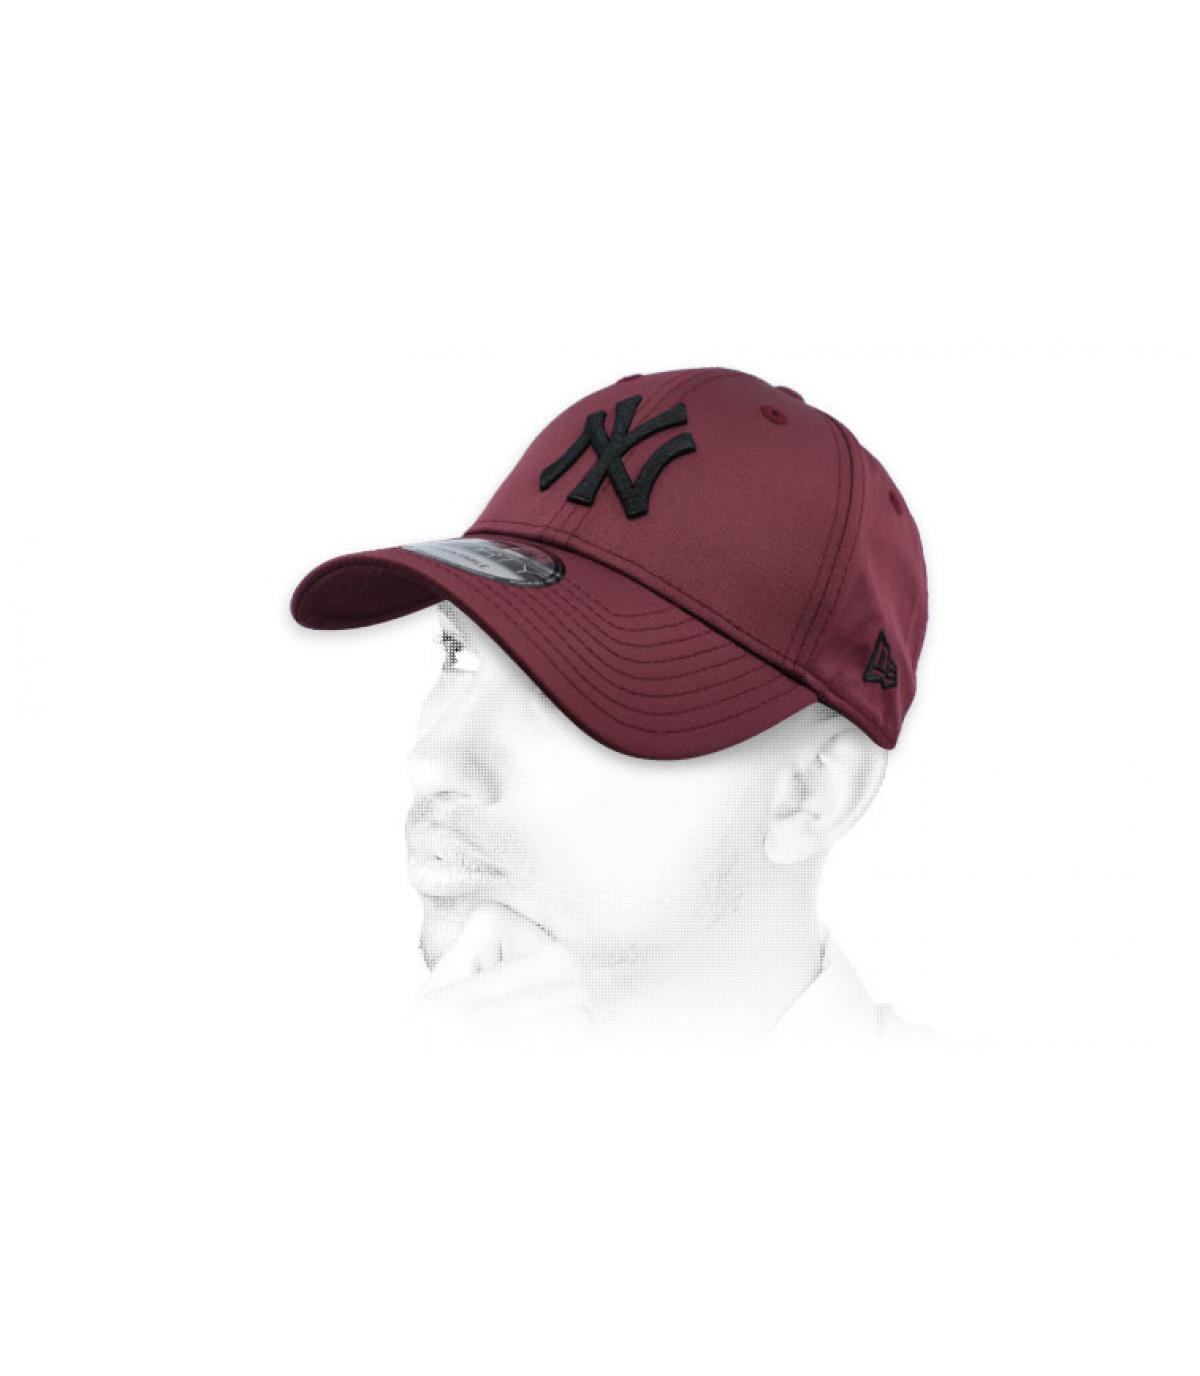 Cap NY bordeaux schwarz